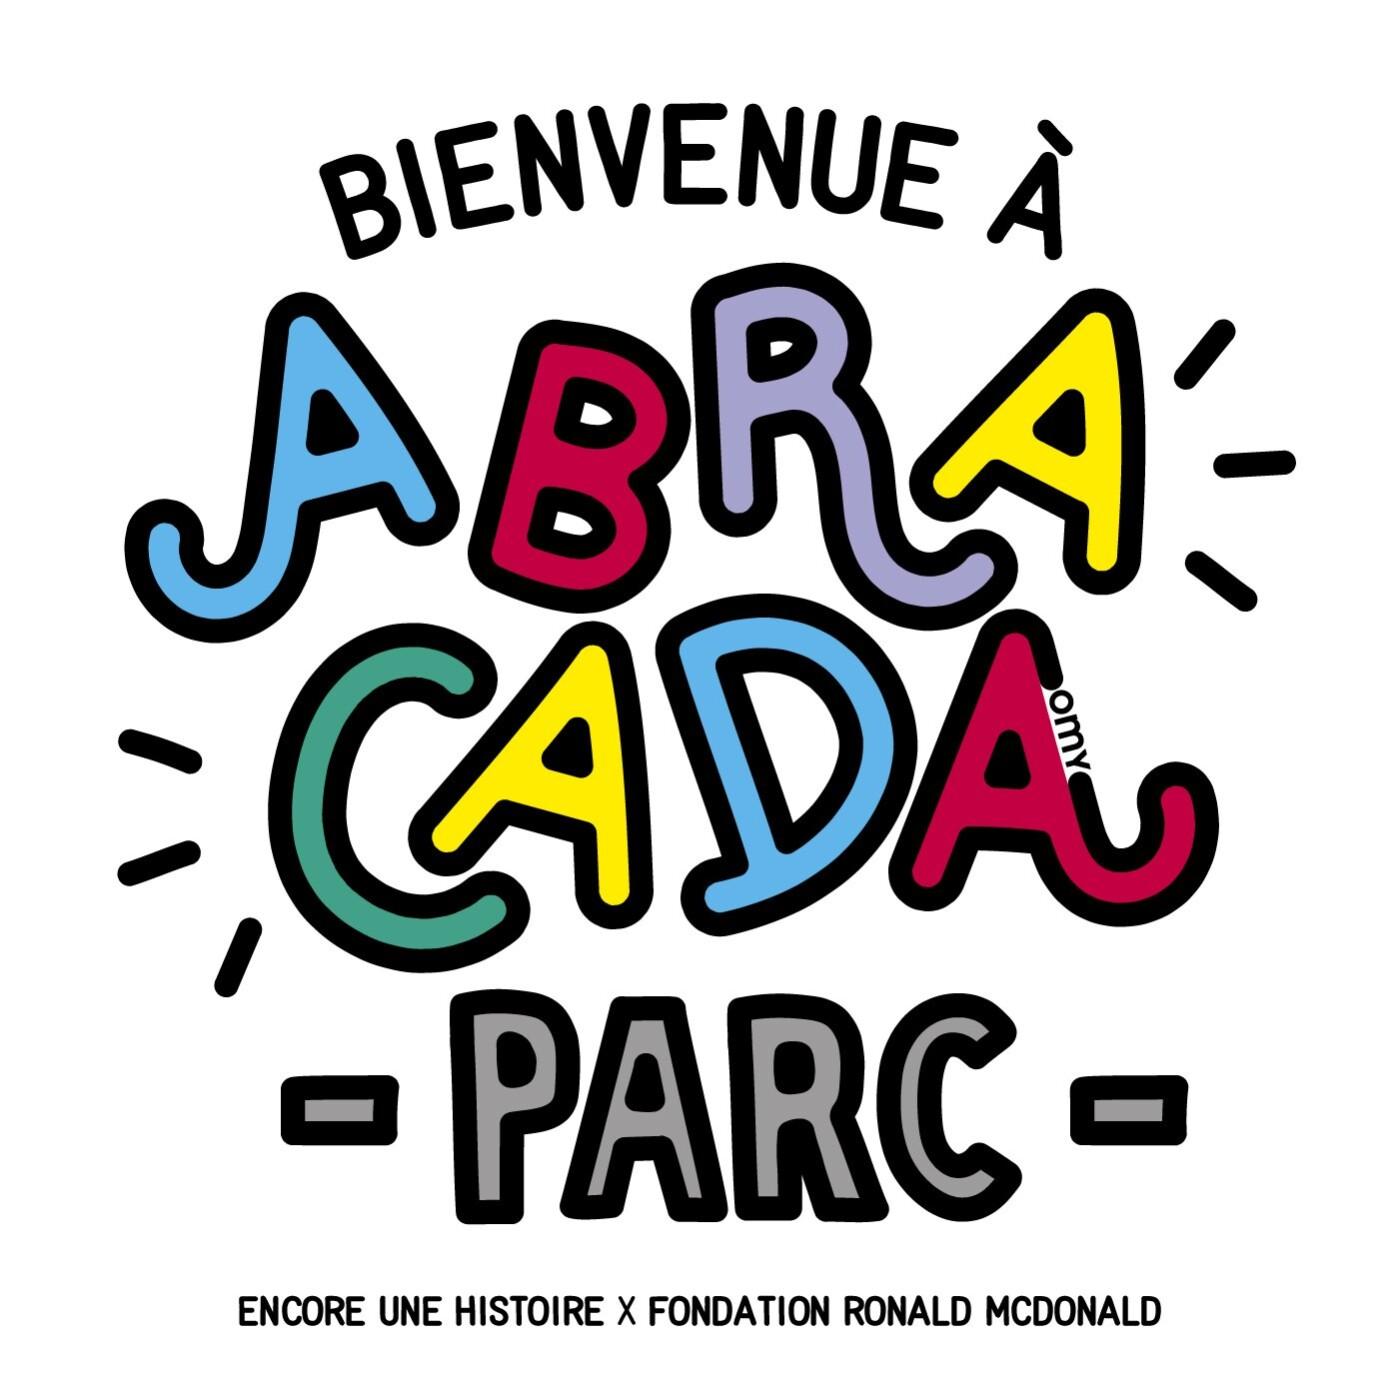 Bienvenue à AbracadaParc - épisode 1